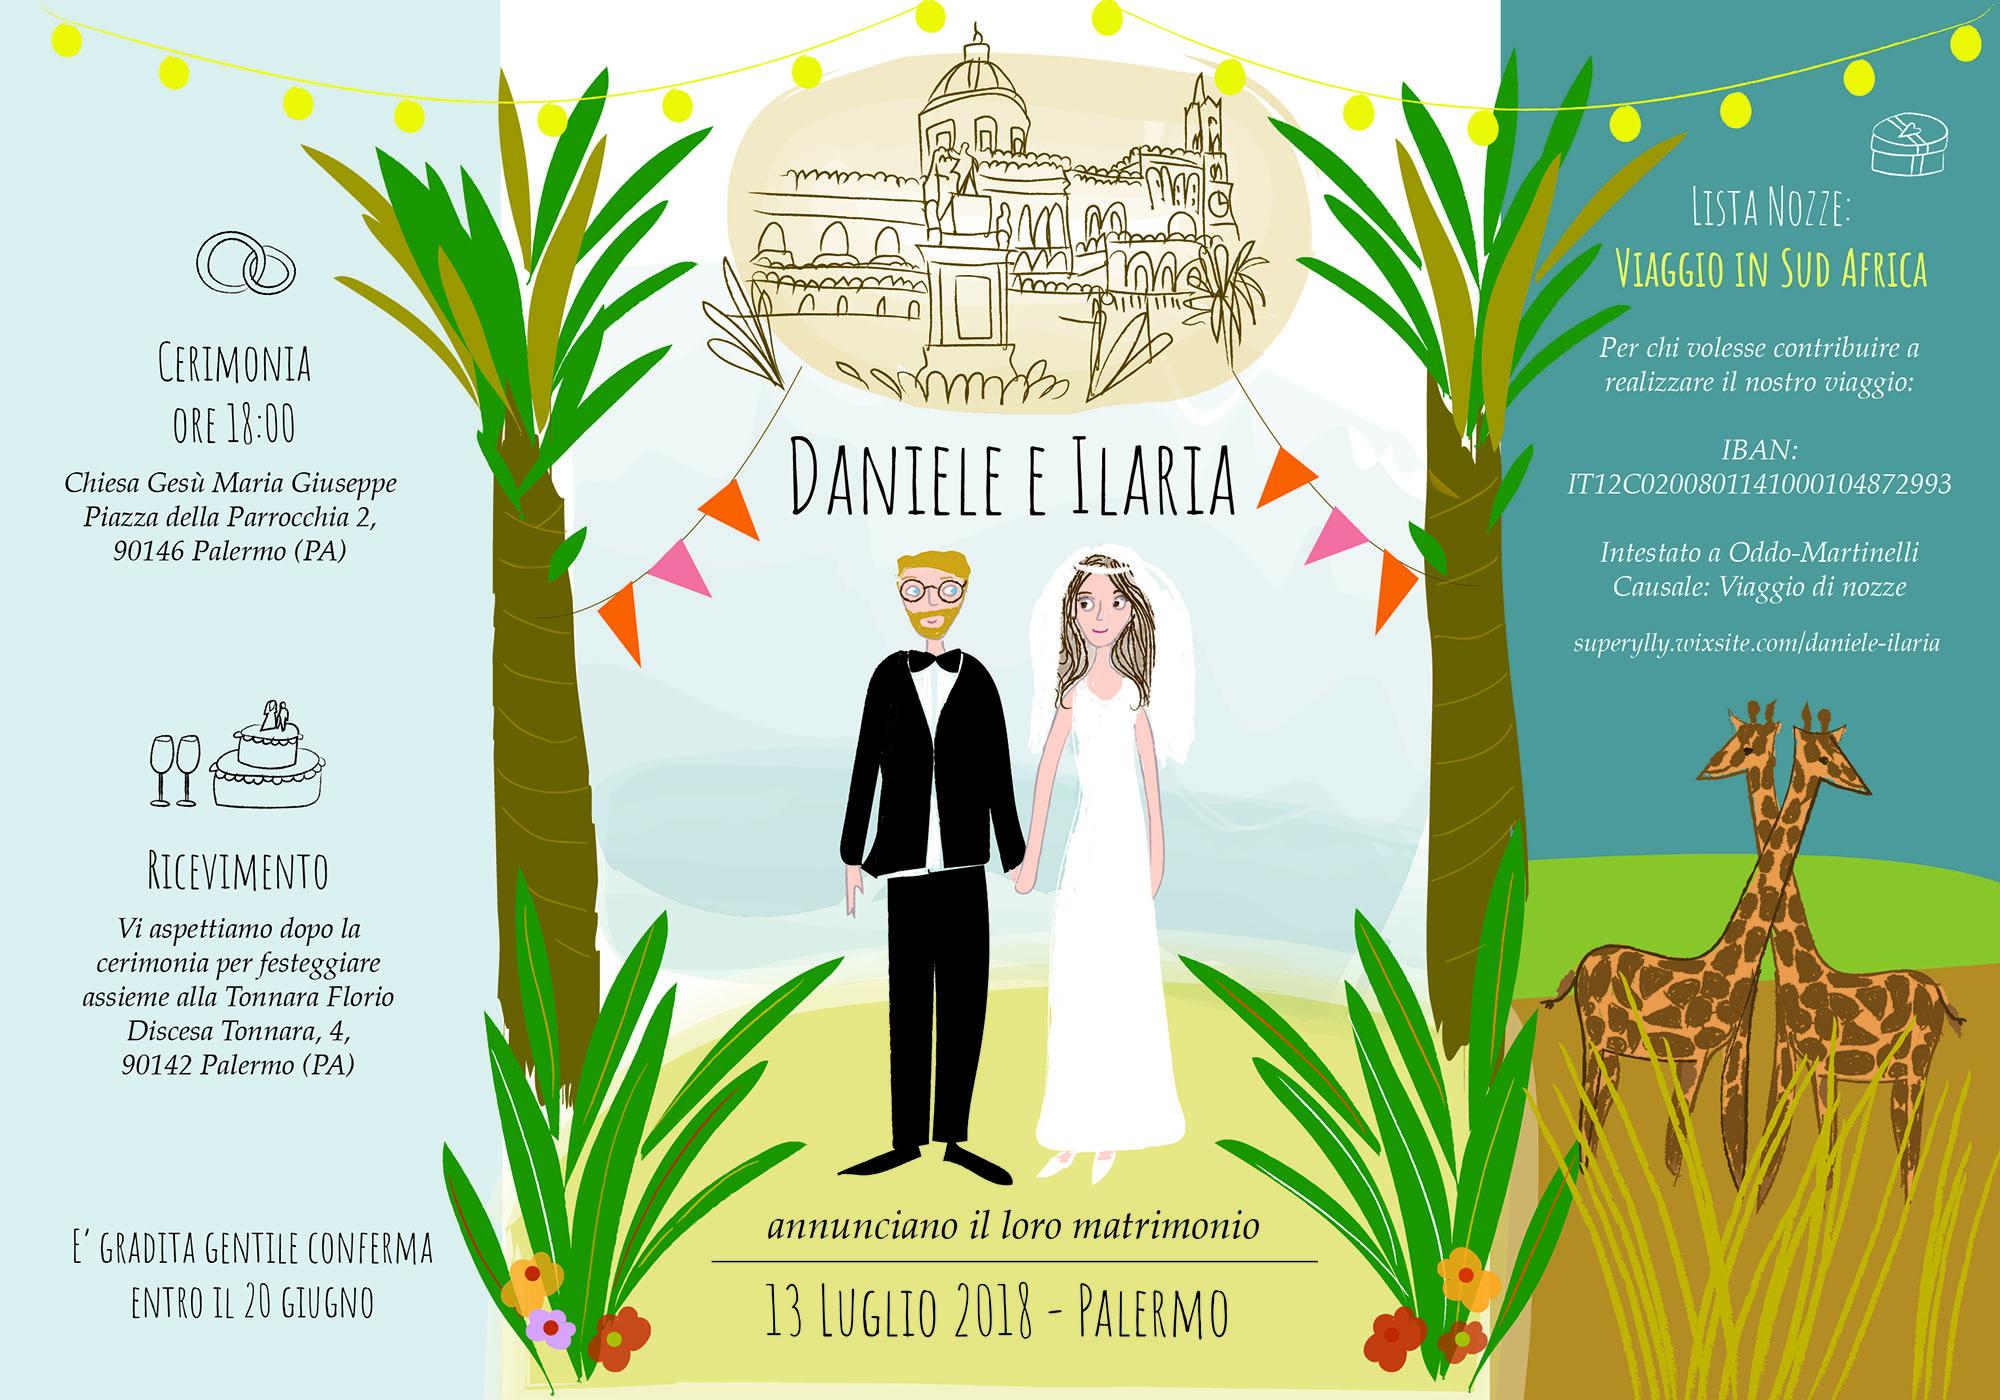 Daniele a Ilaria_small.jpg